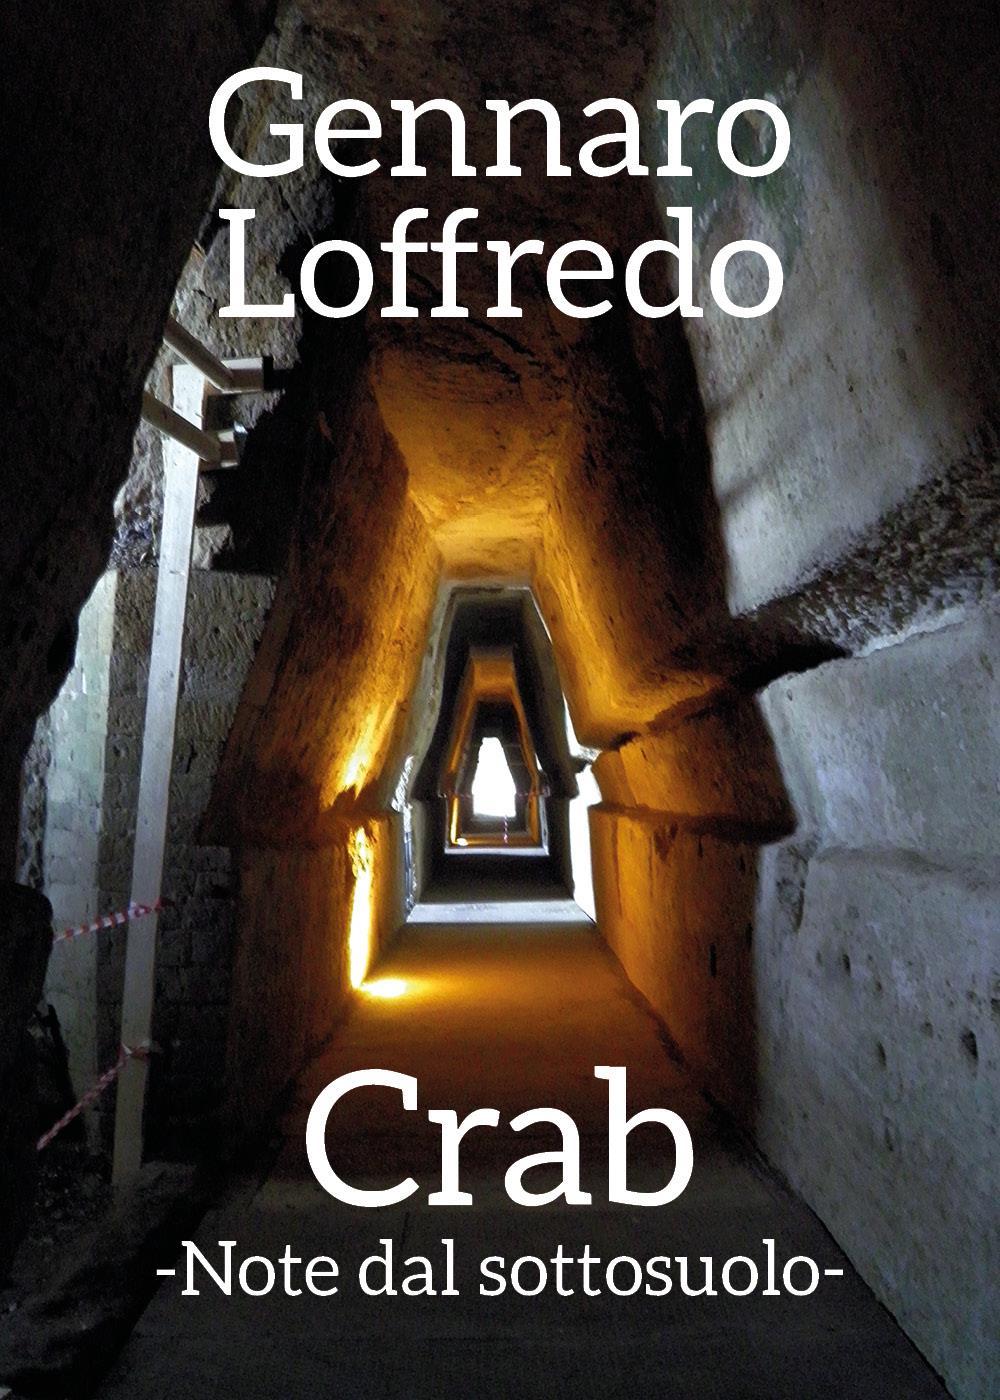 Crab -Note dal sottosuolo-